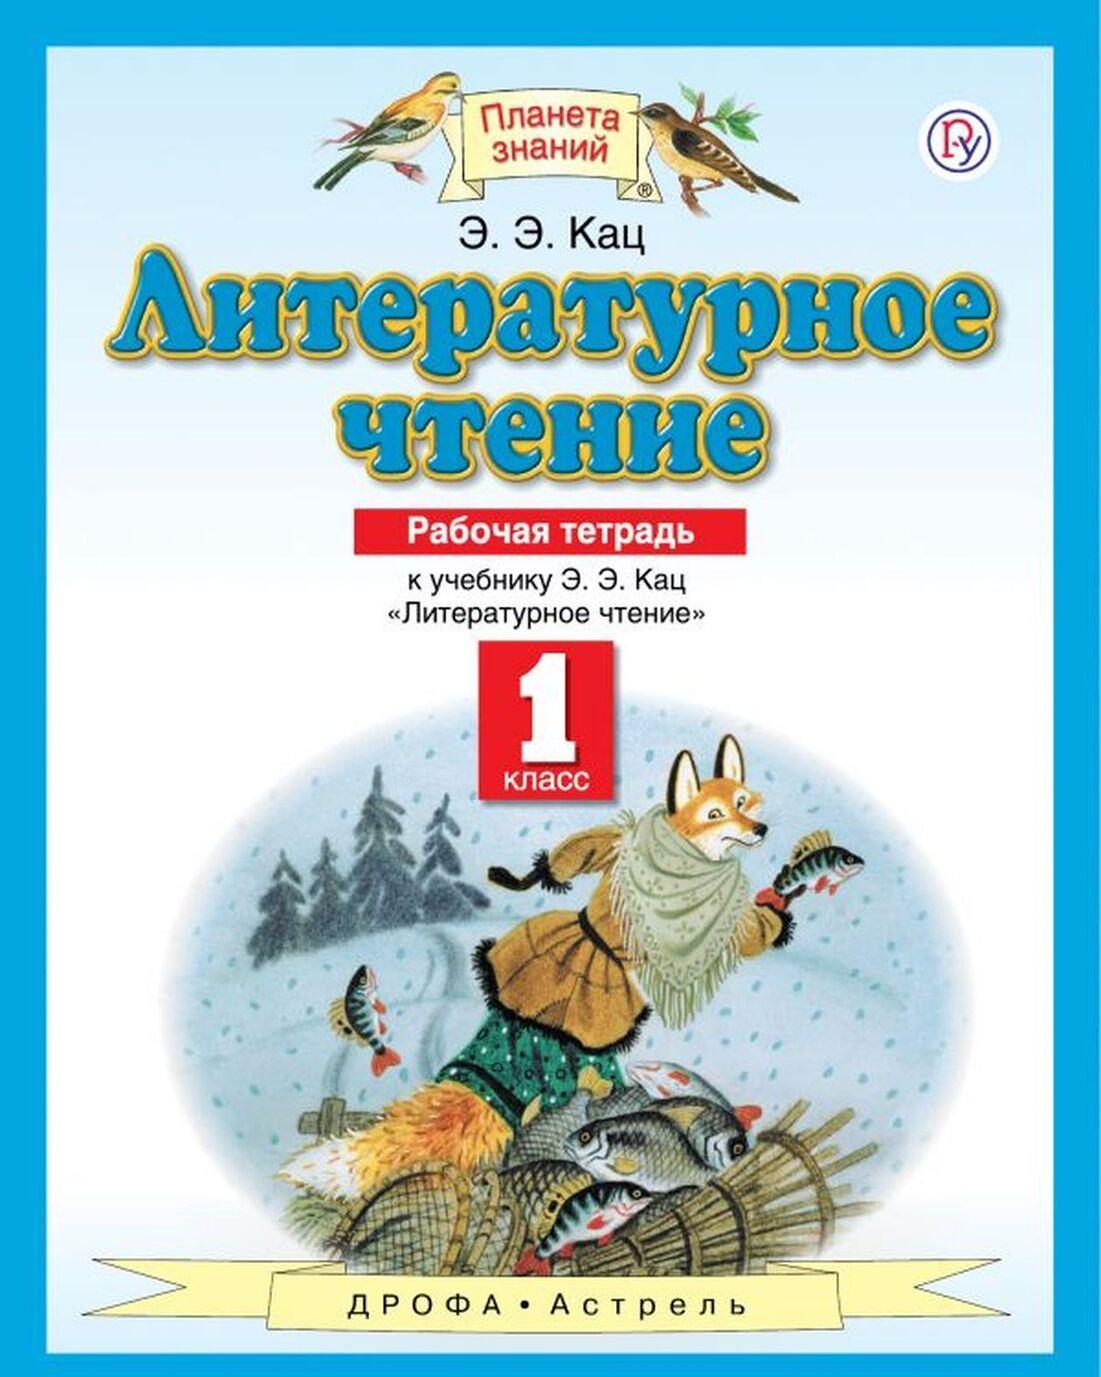 Literaturnoe chtenie. 1 klass. Rabochaja tetrad. K uchebniku E. E. Kats | Kats Ella Elkhanonovna